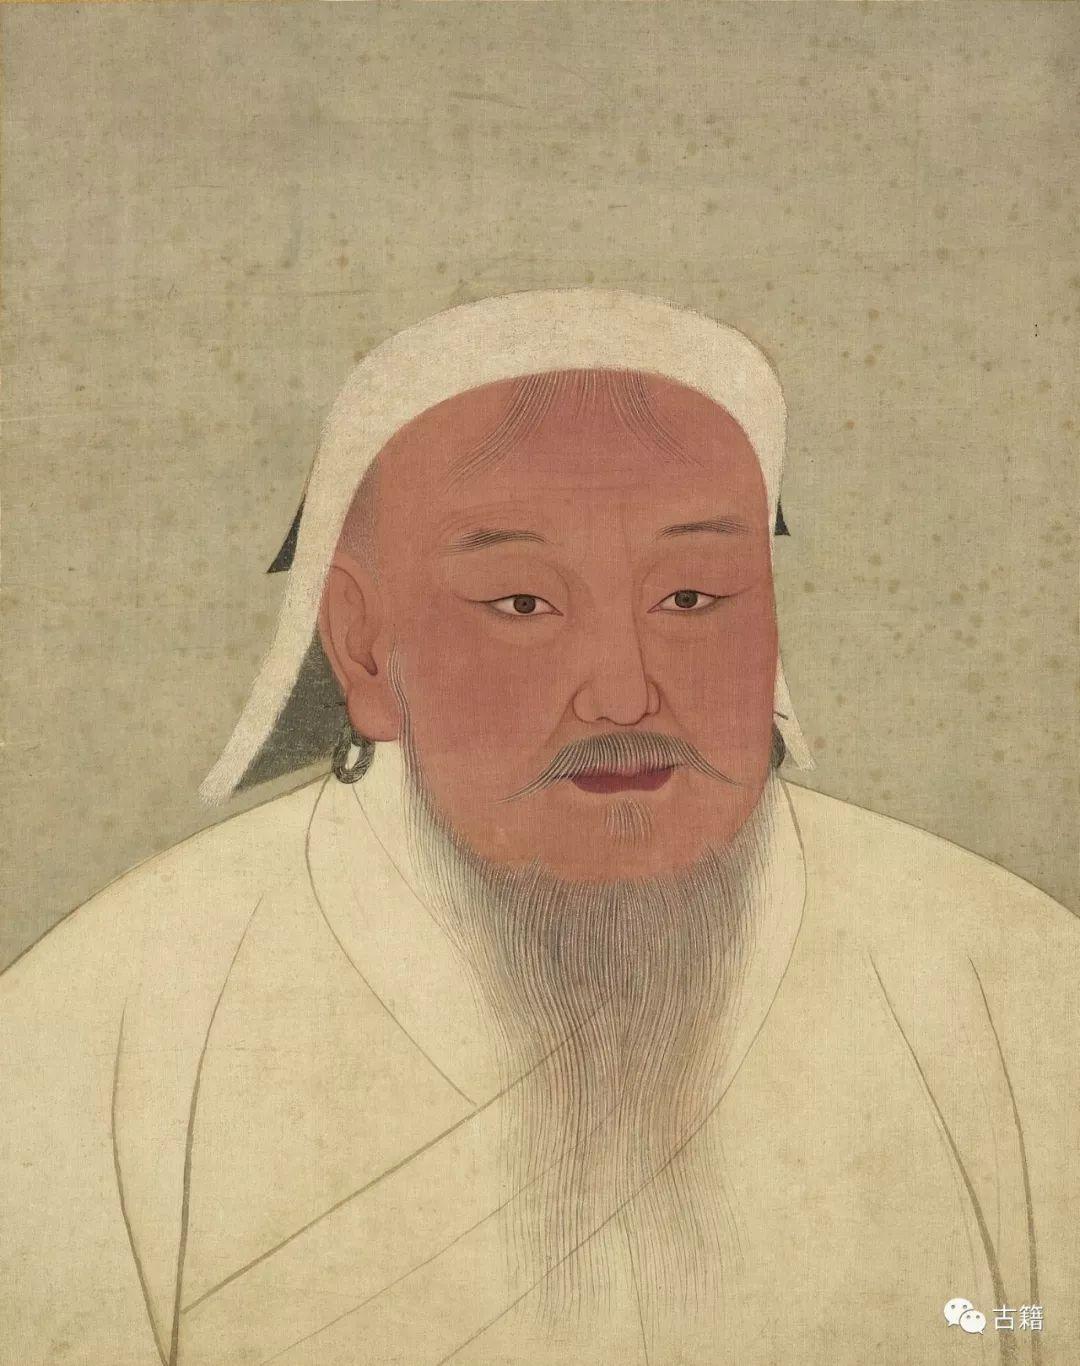 故宫藏宋、元、明、清朝历代皇帝画像